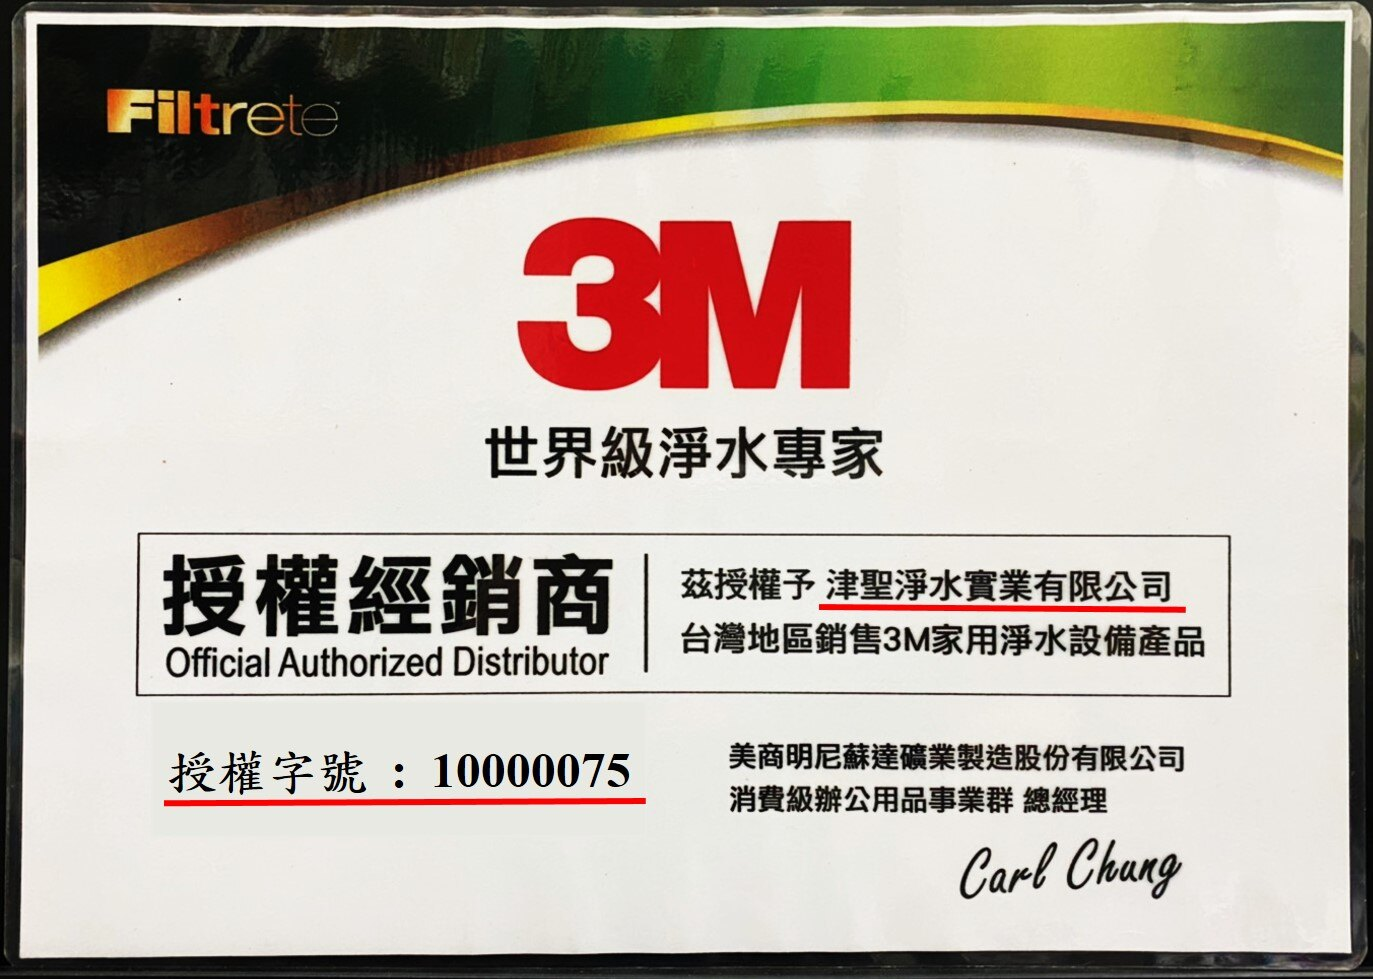 【津聖】3M UVA1000活性碳濾心+燈匣(黑)- 合購組【買一支濾心也歡迎詢問】【LINE ID: s099099】